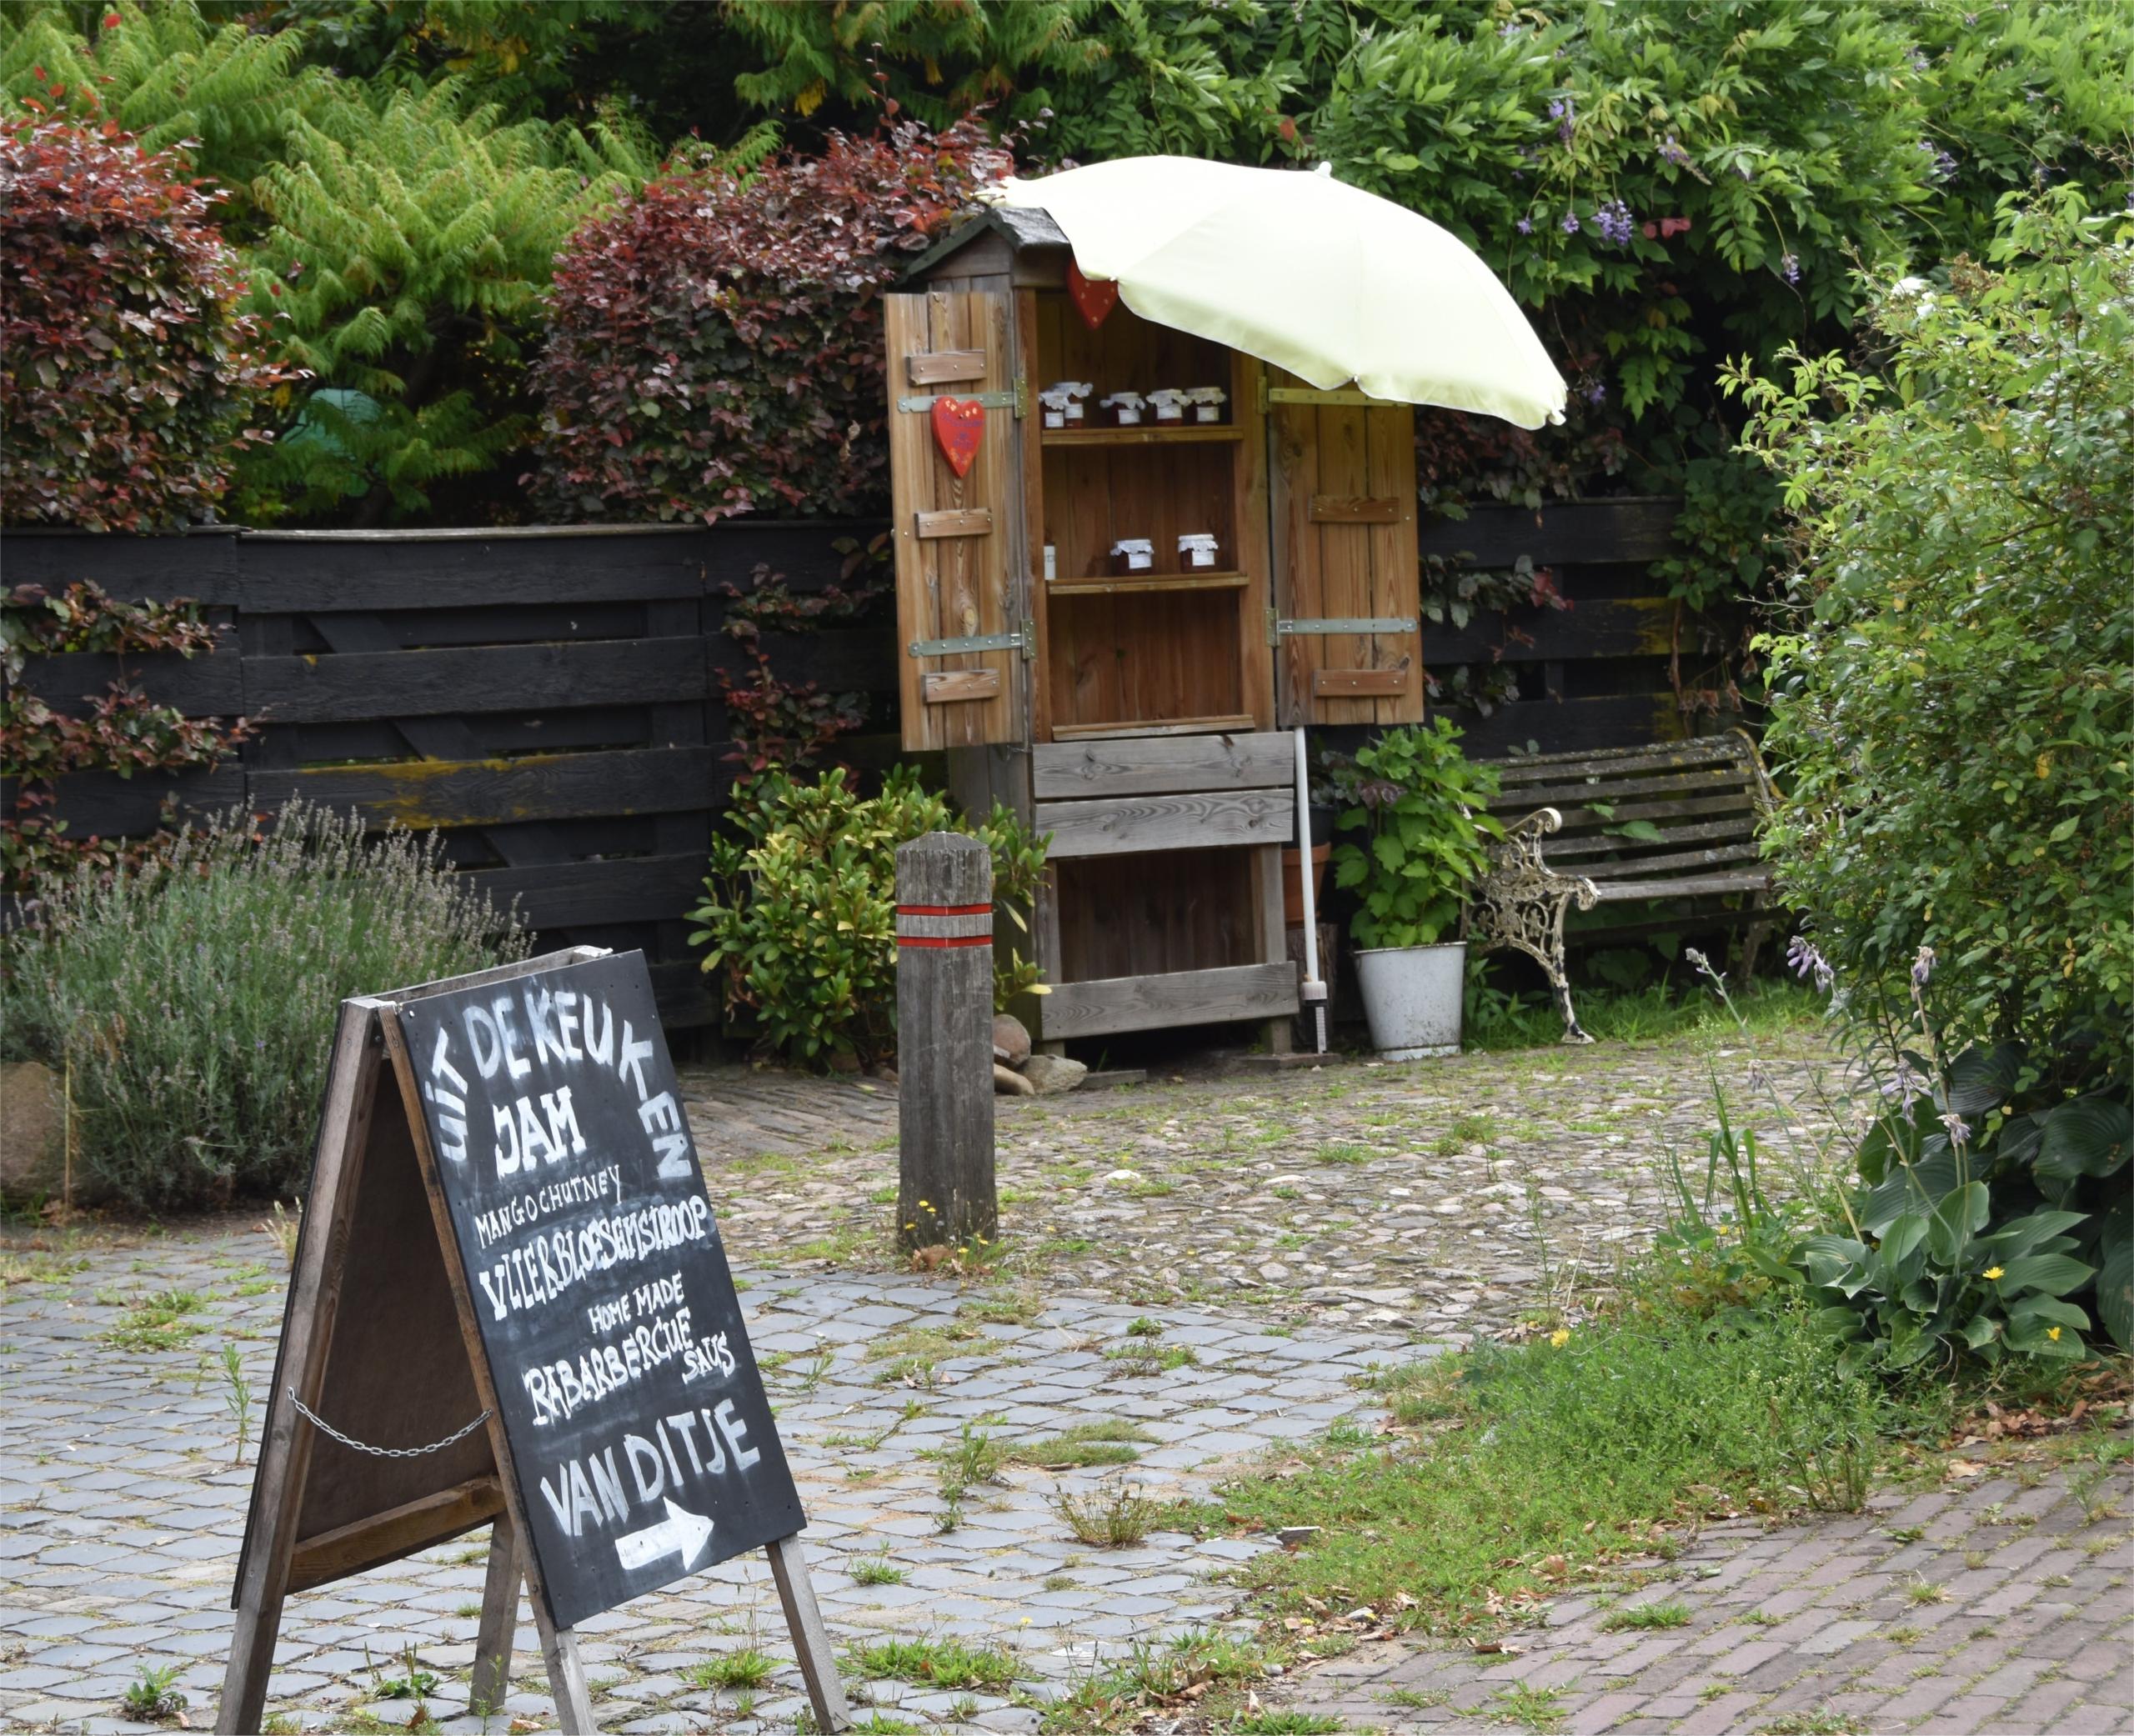 Geesteren Gelderland #hiermoetjezijn mooi dorp in de Achterhoek